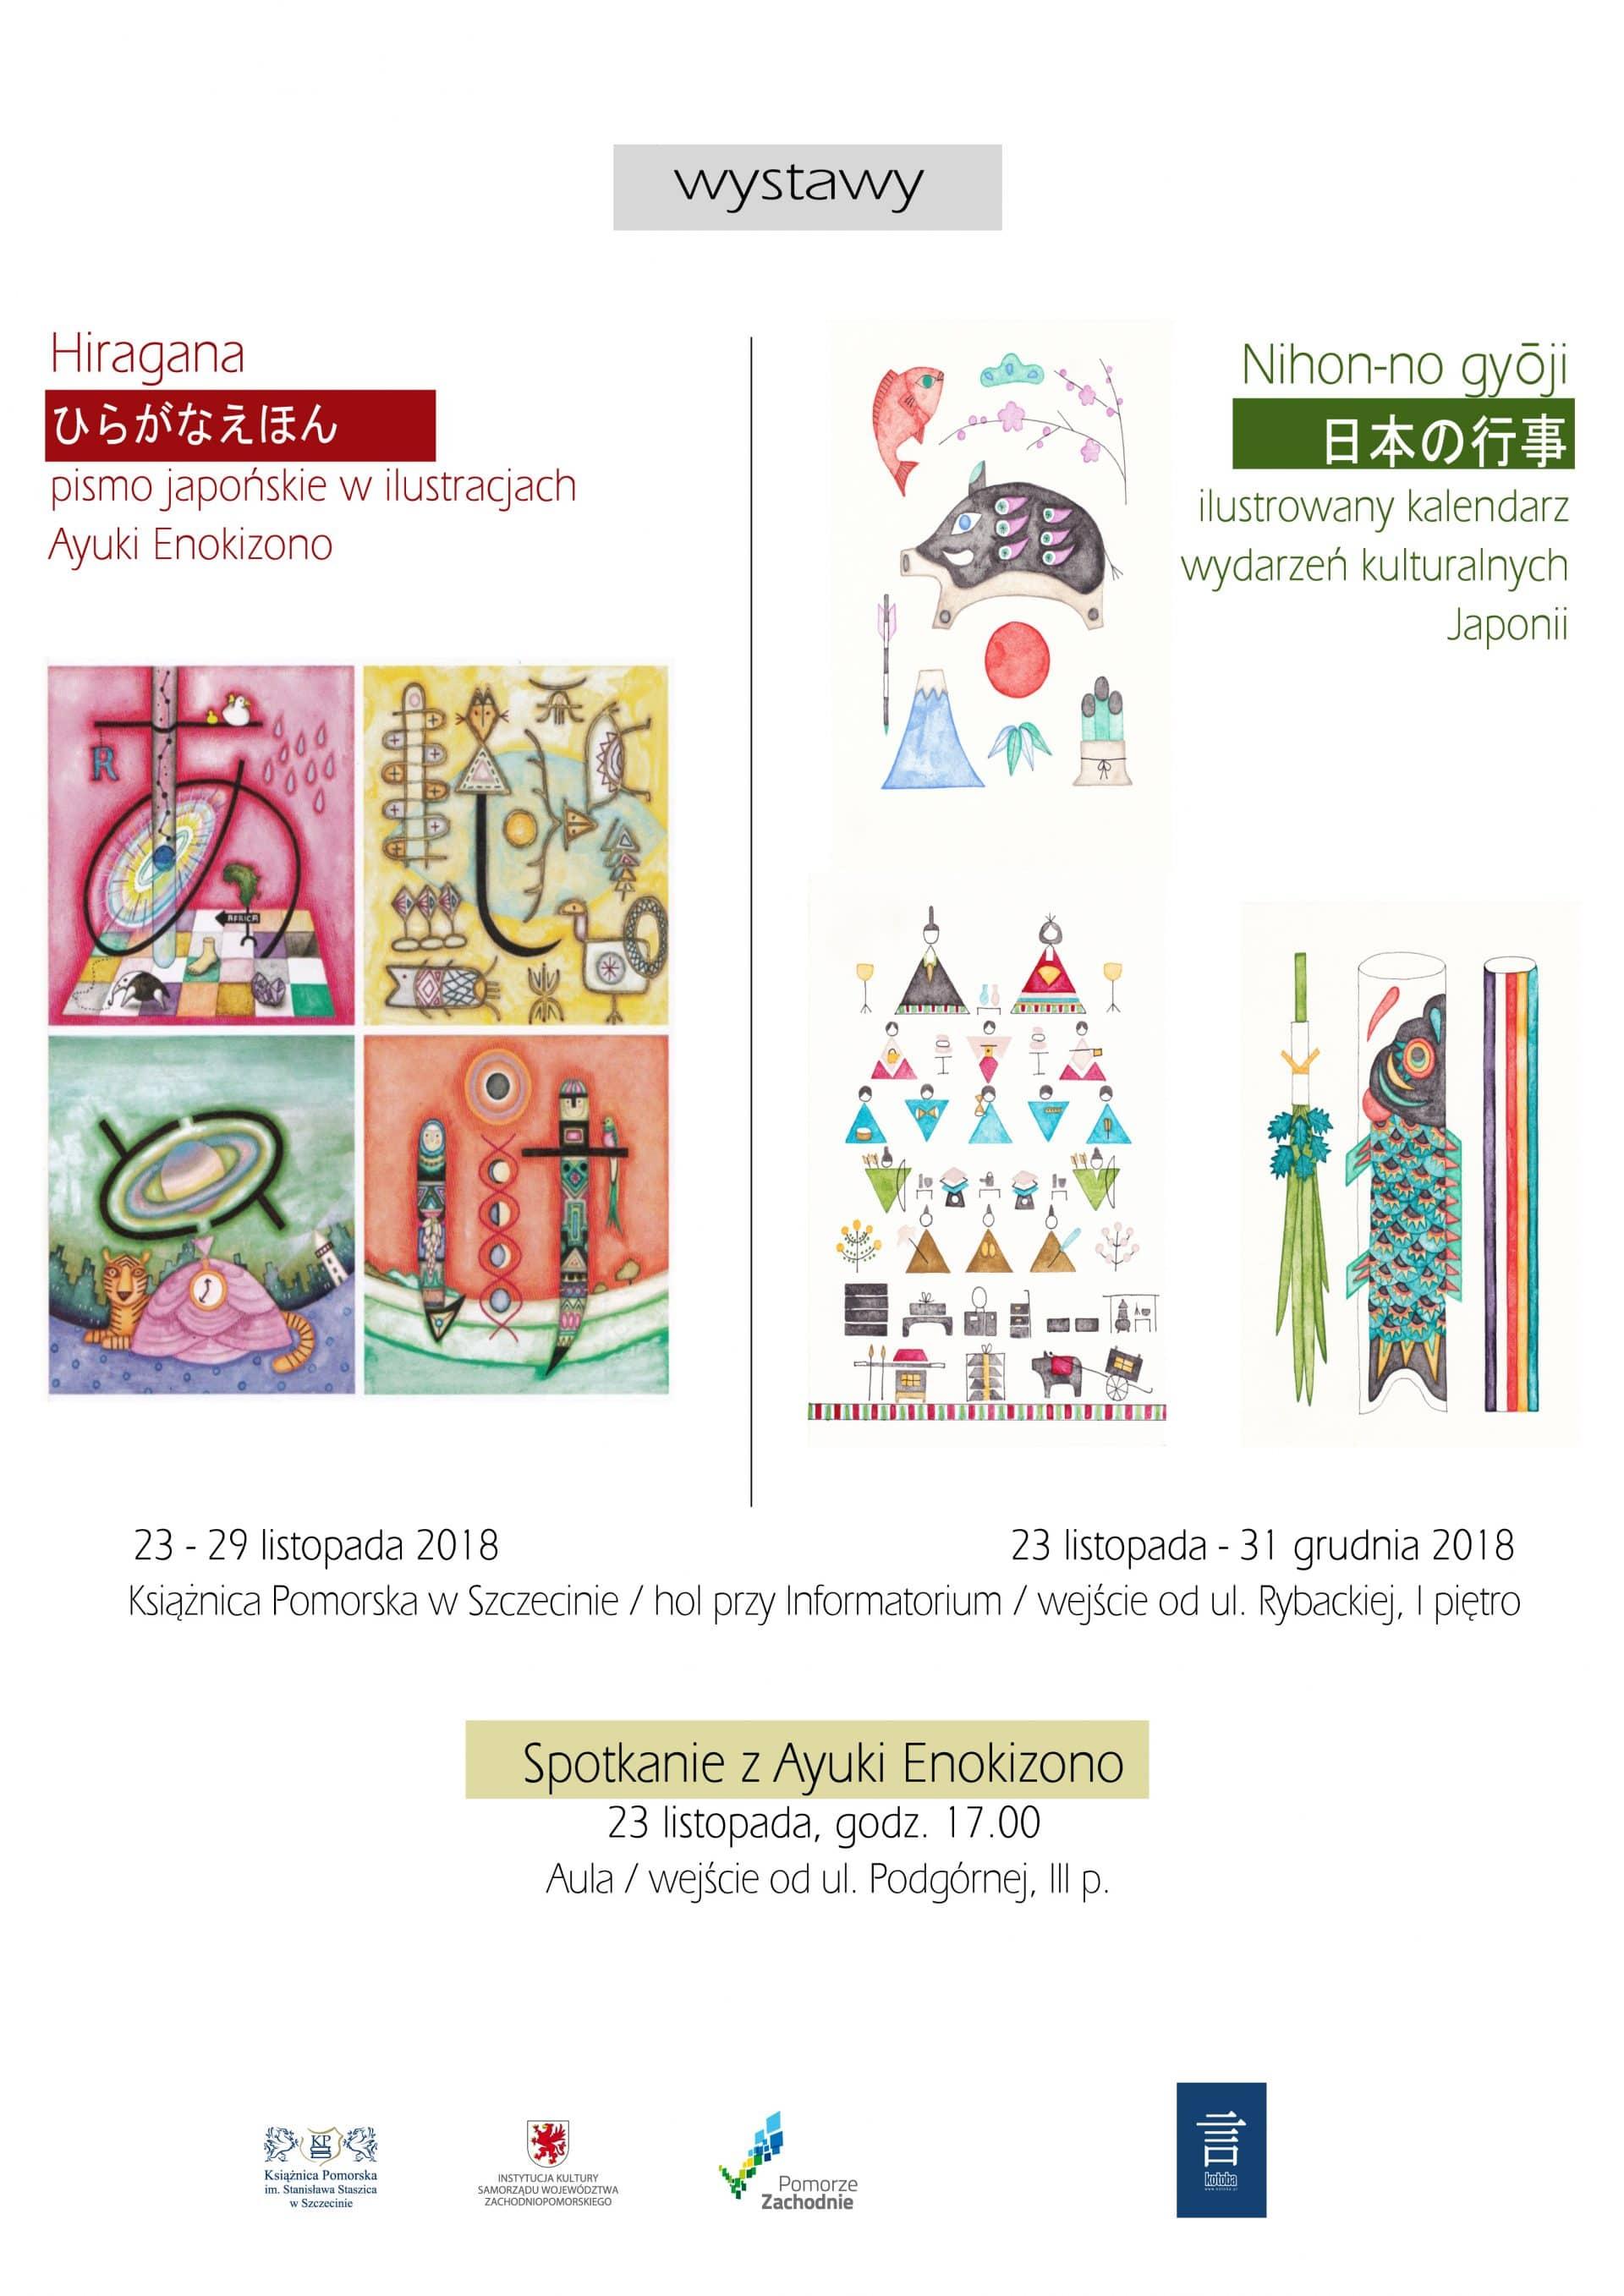 Hiragana i Nihon-no gyōji - otwarcie wystaw japońskiej artystki Ayuki Enokizono